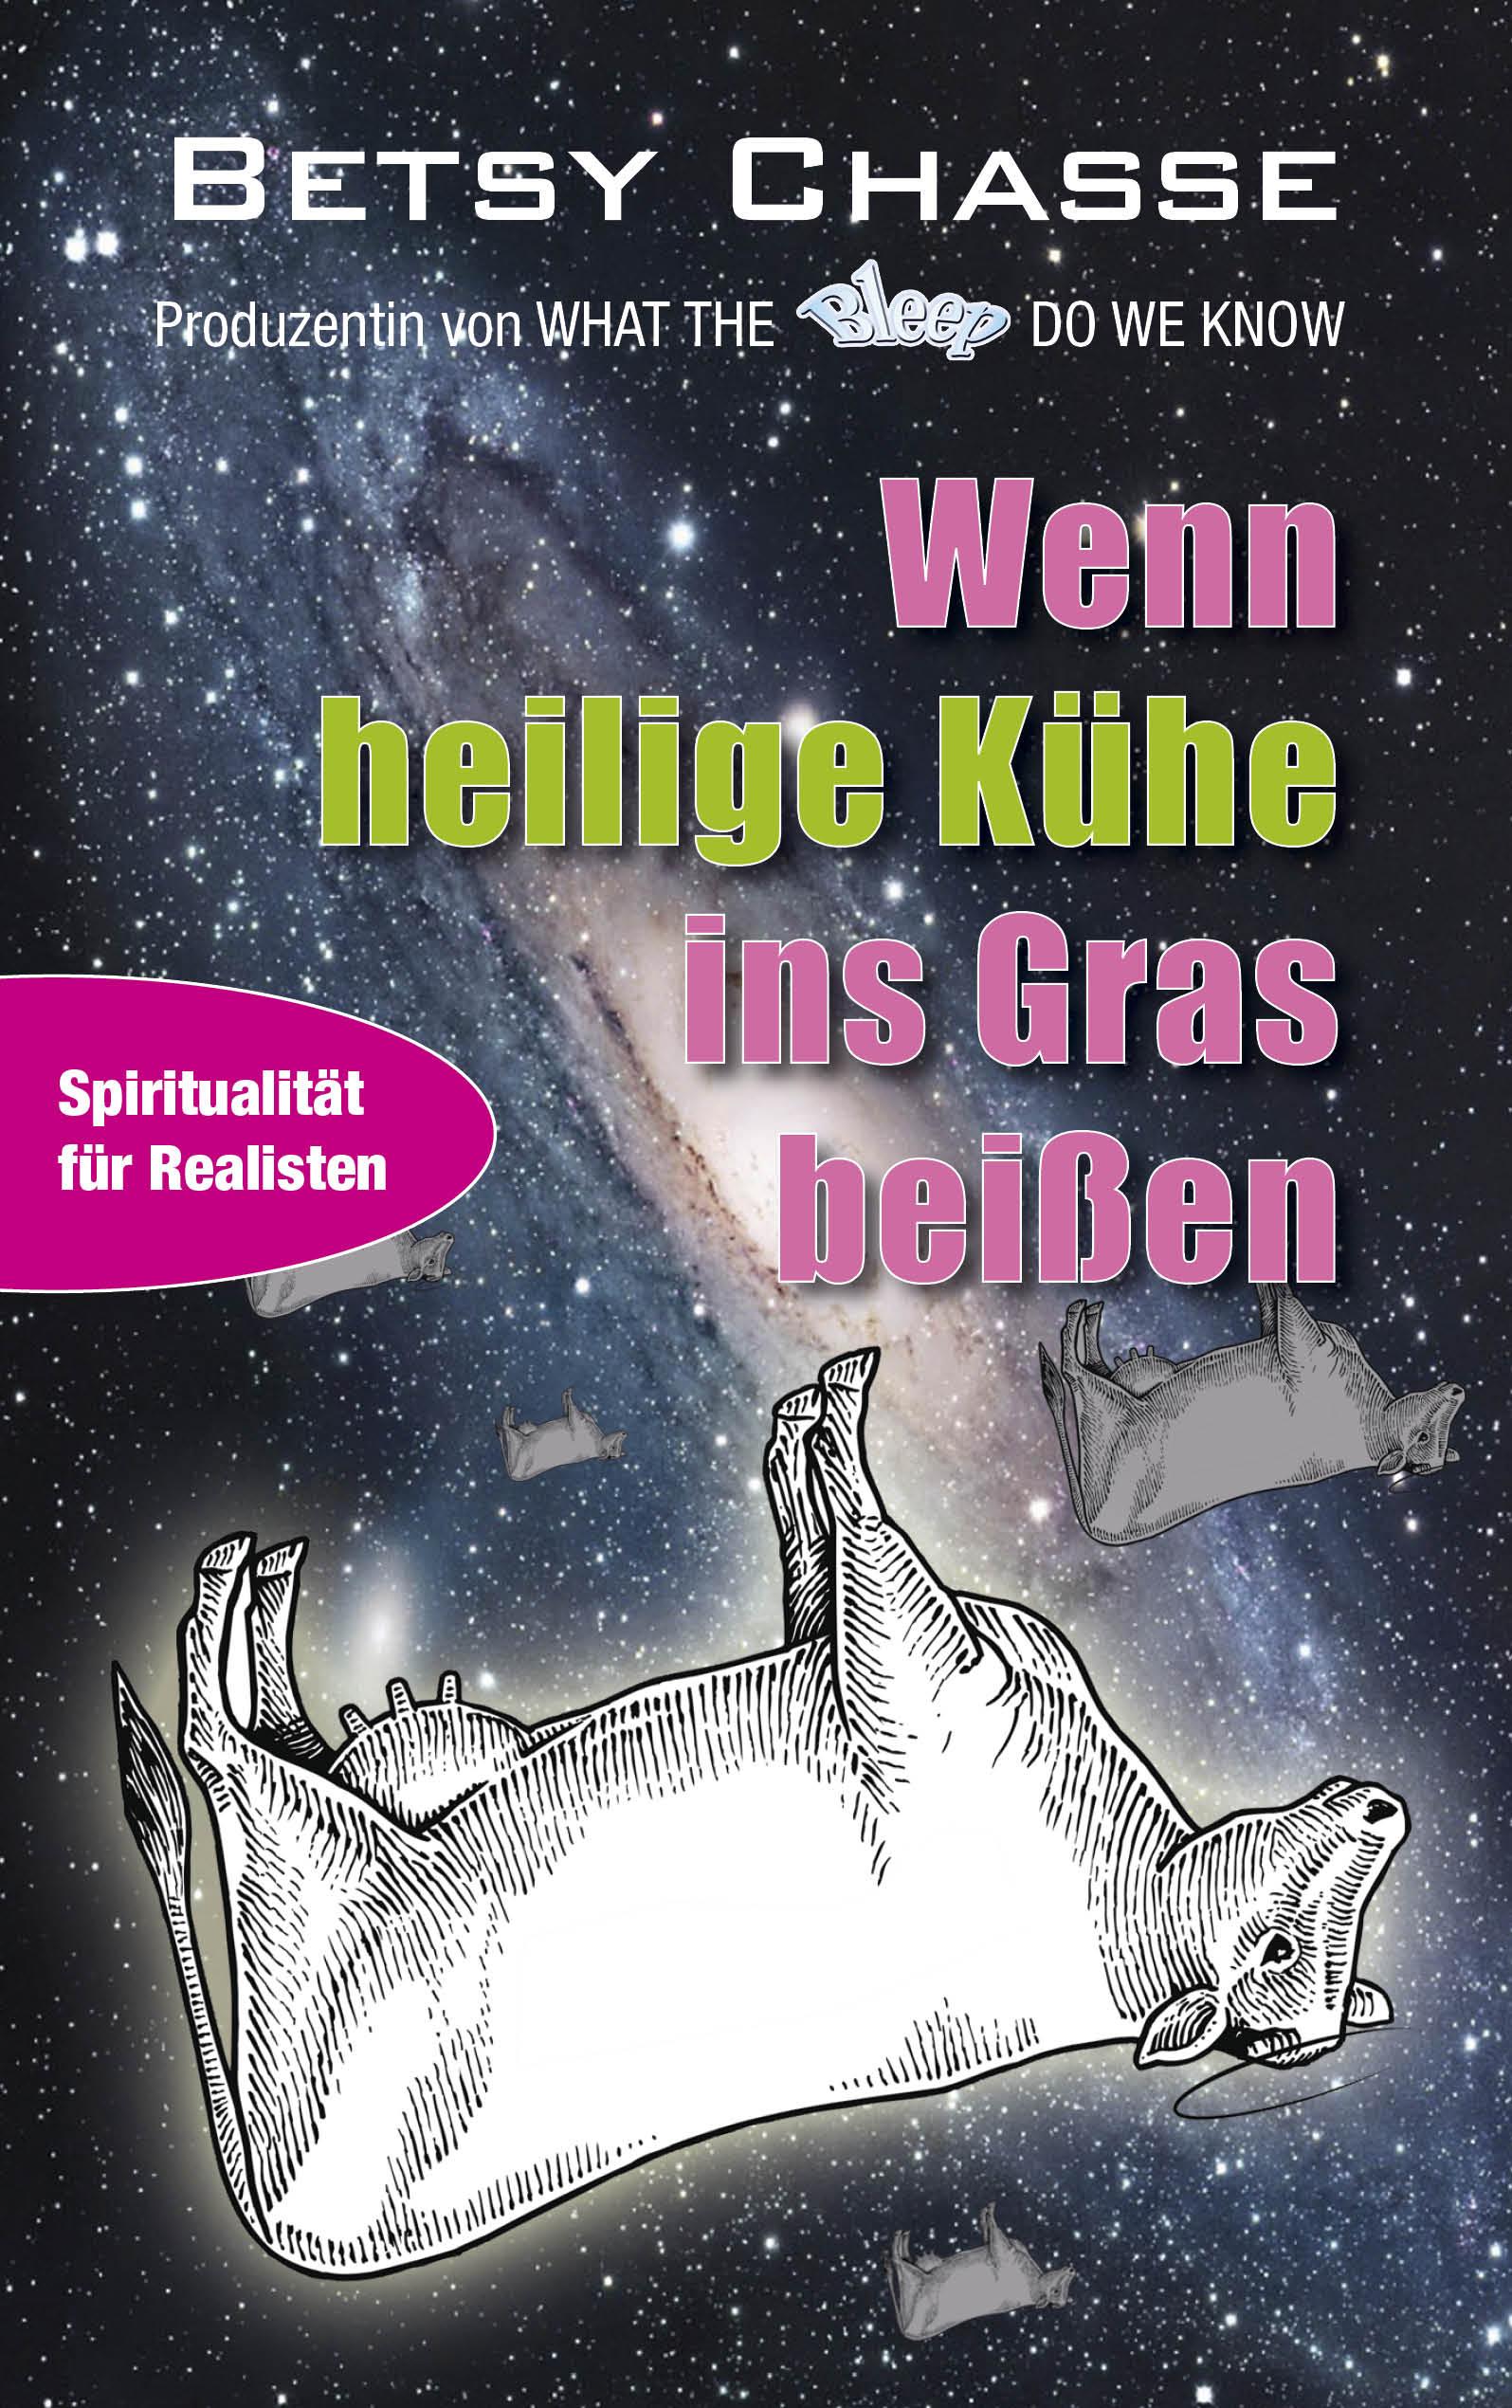 Wenn heilige Kühe ins Gras beißen: Spiritualität für Realisten - Betsy Chasse [Broschiert]